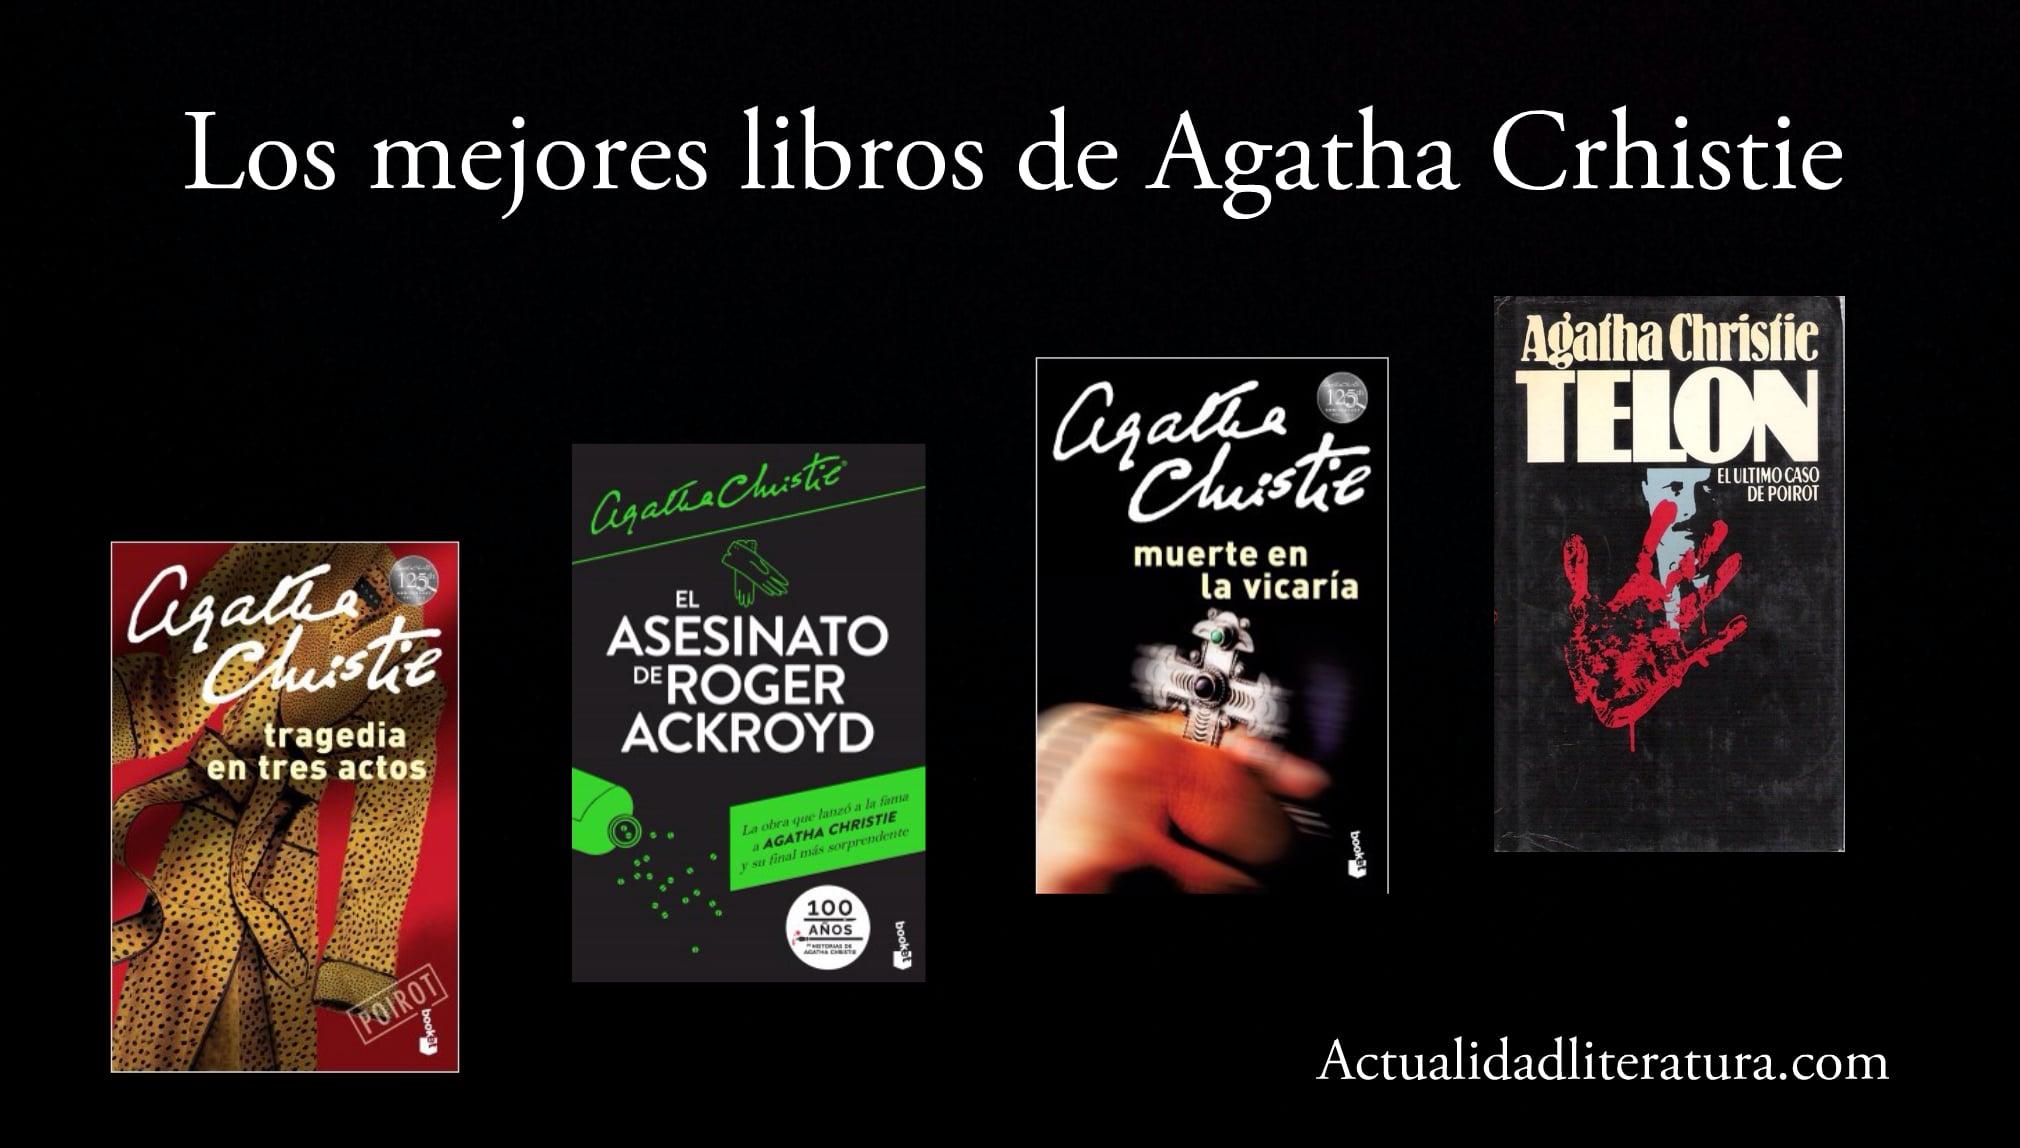 Los mejores libros de Agatha Crhistie.